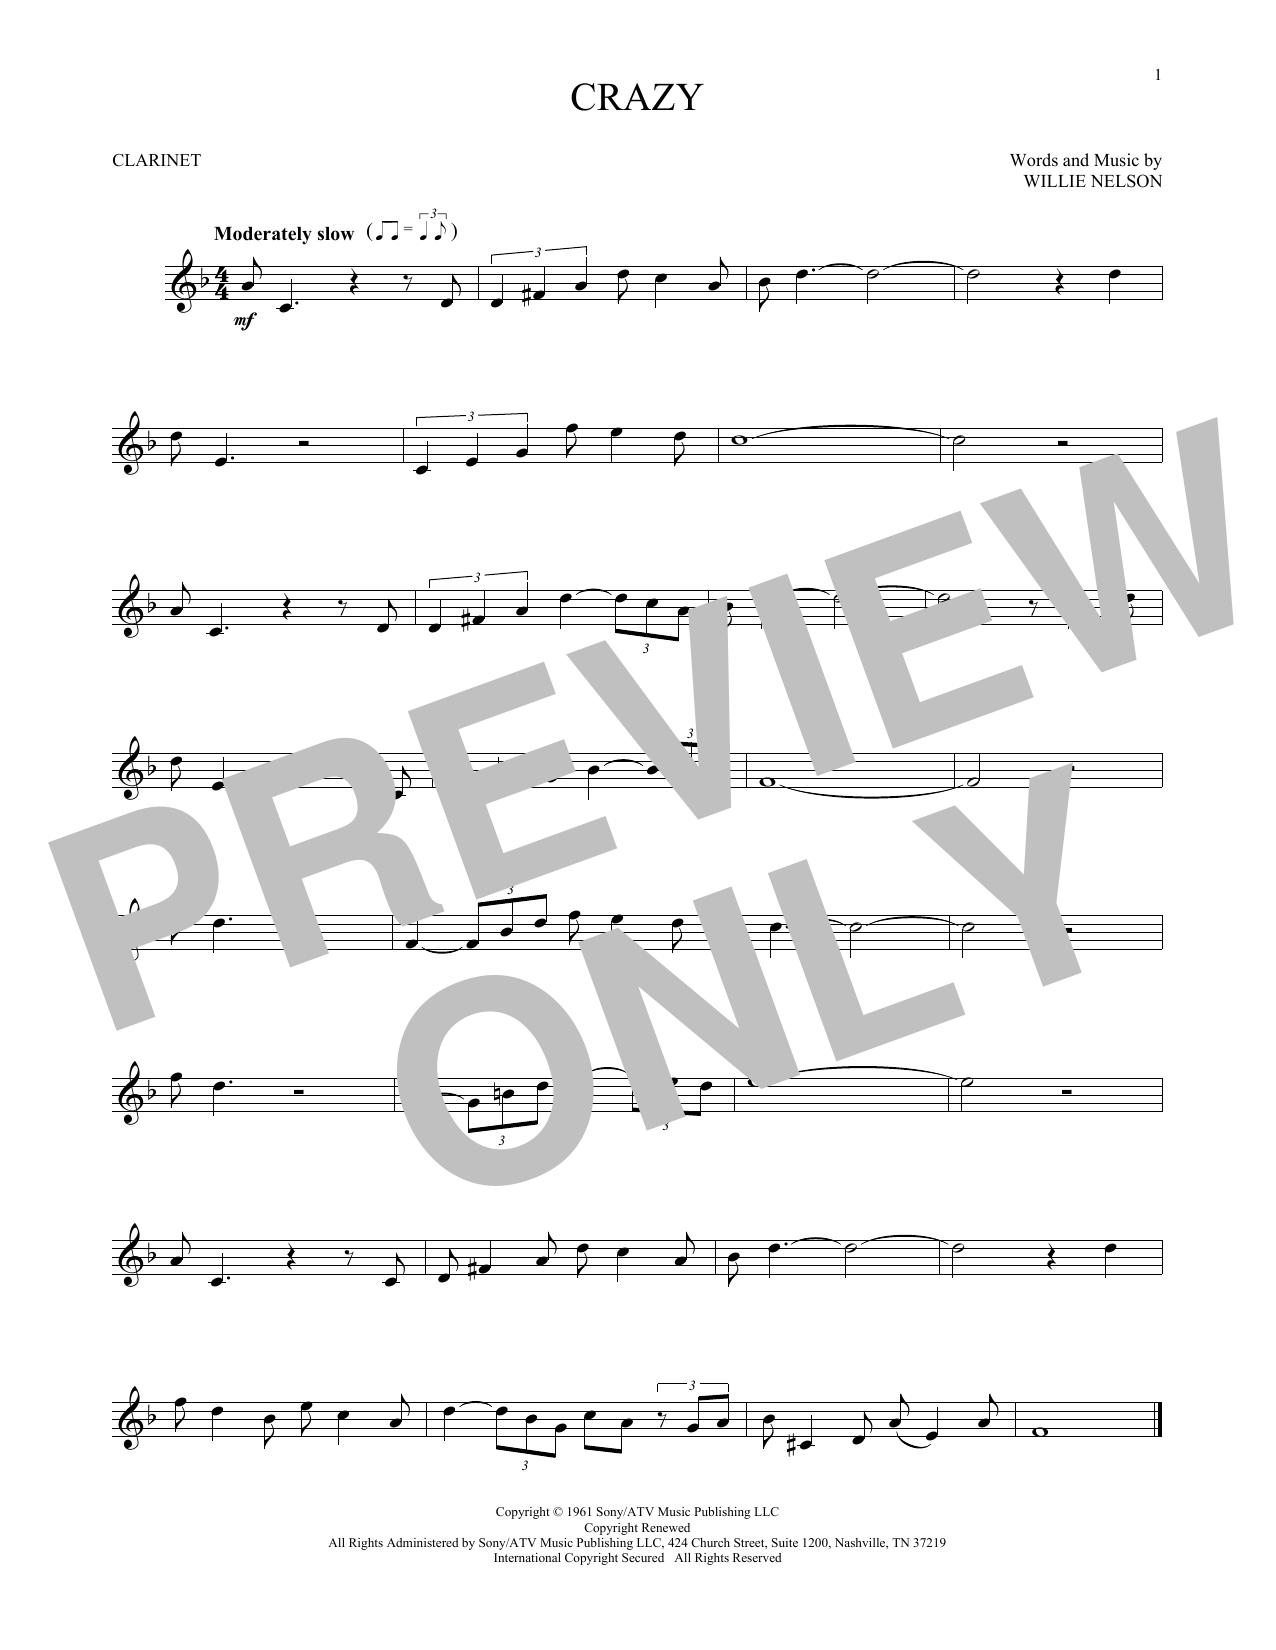 Crazy (Clarinet Solo)